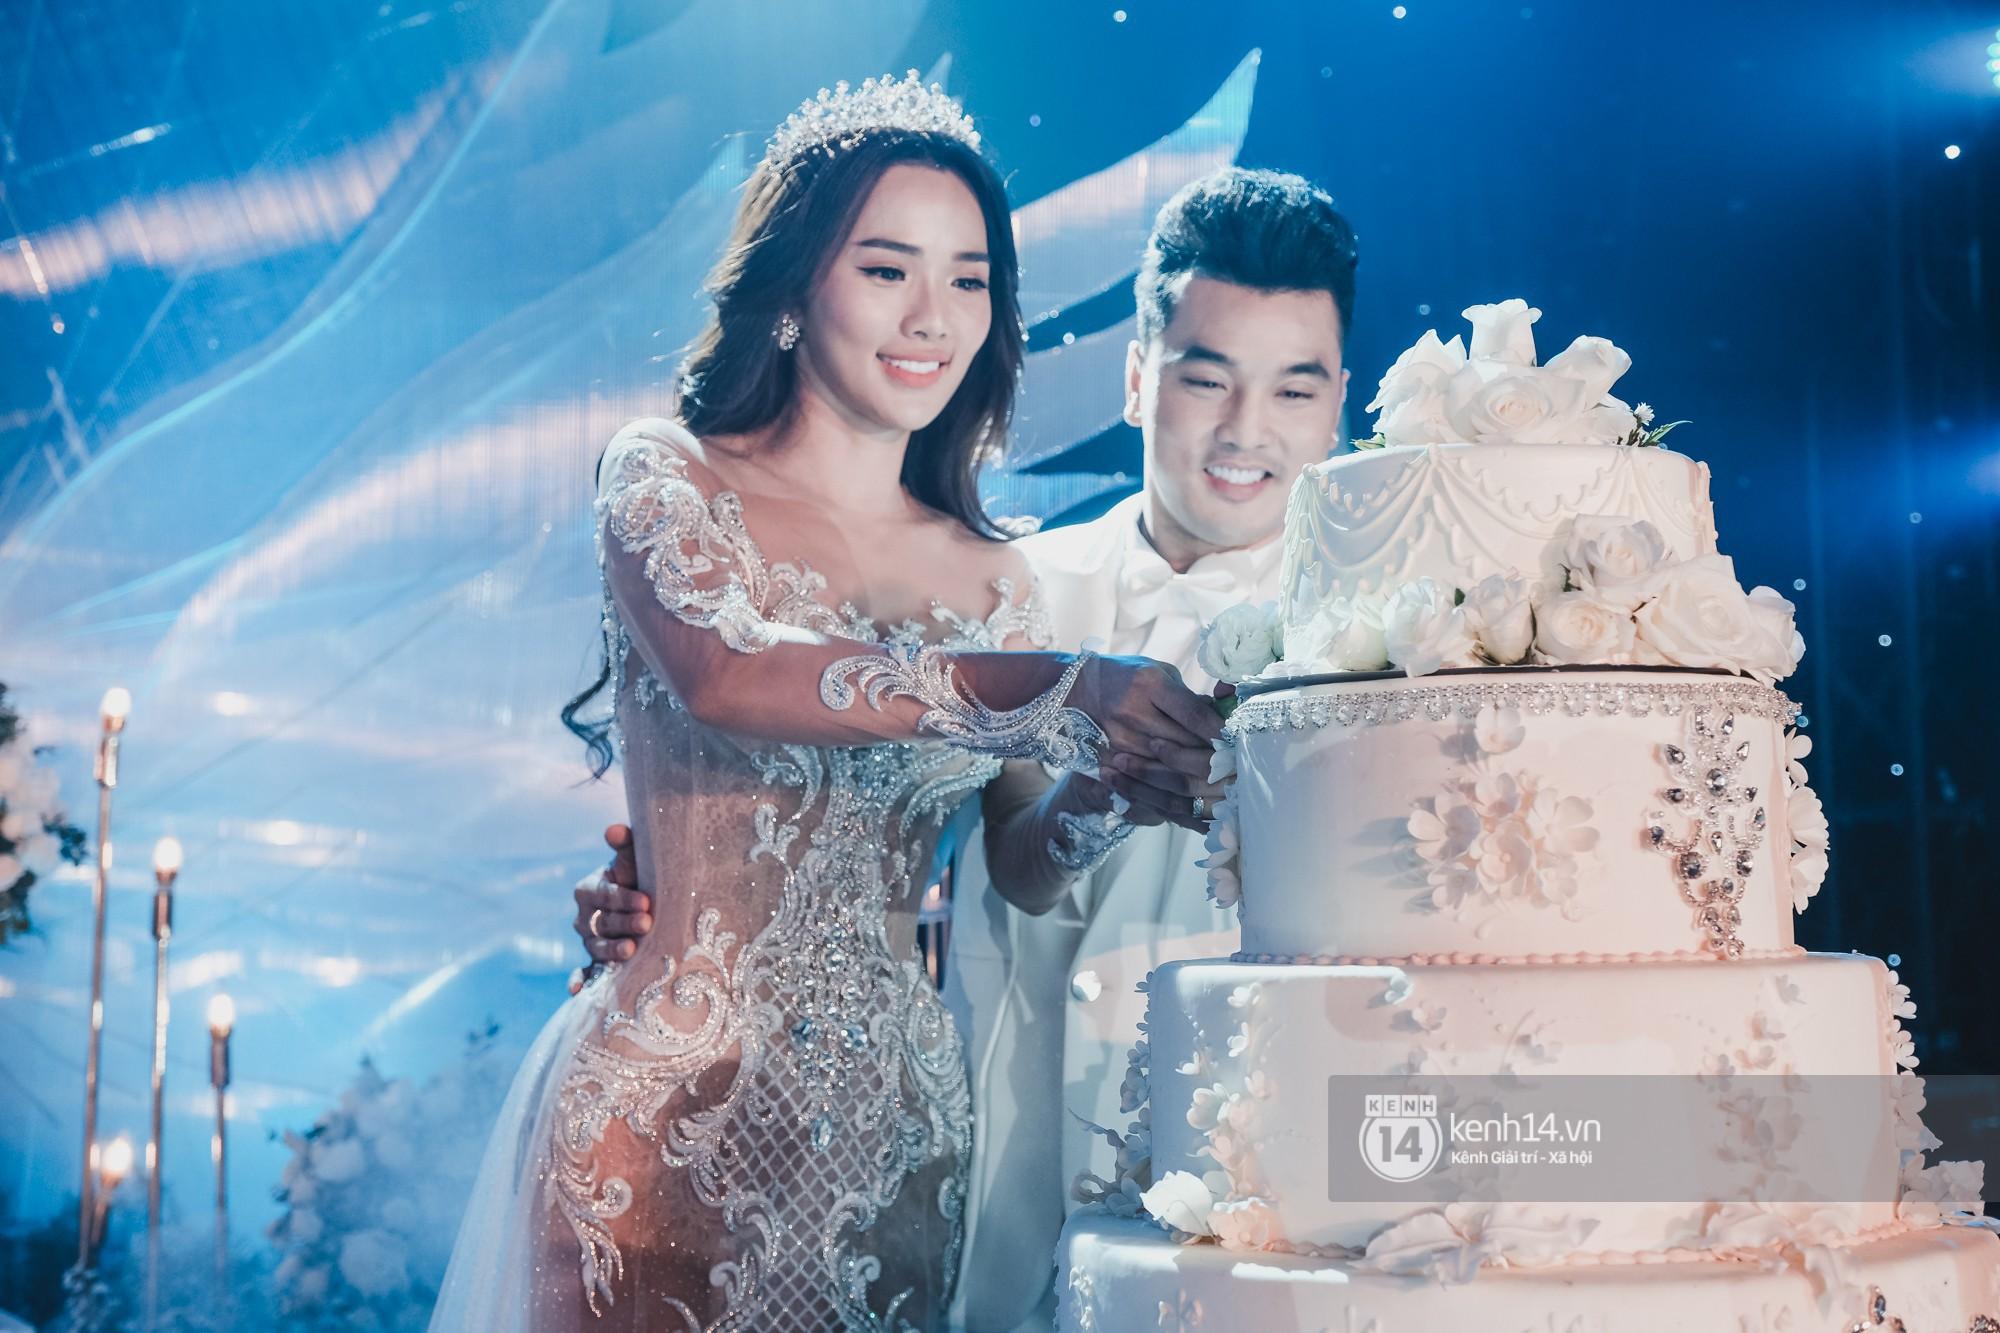 Ưng Hoàng Phúc đưa trọn vẹn đám cưới cổ tích cùng bà xã Kim Cương vào MV mới - Ảnh 6.